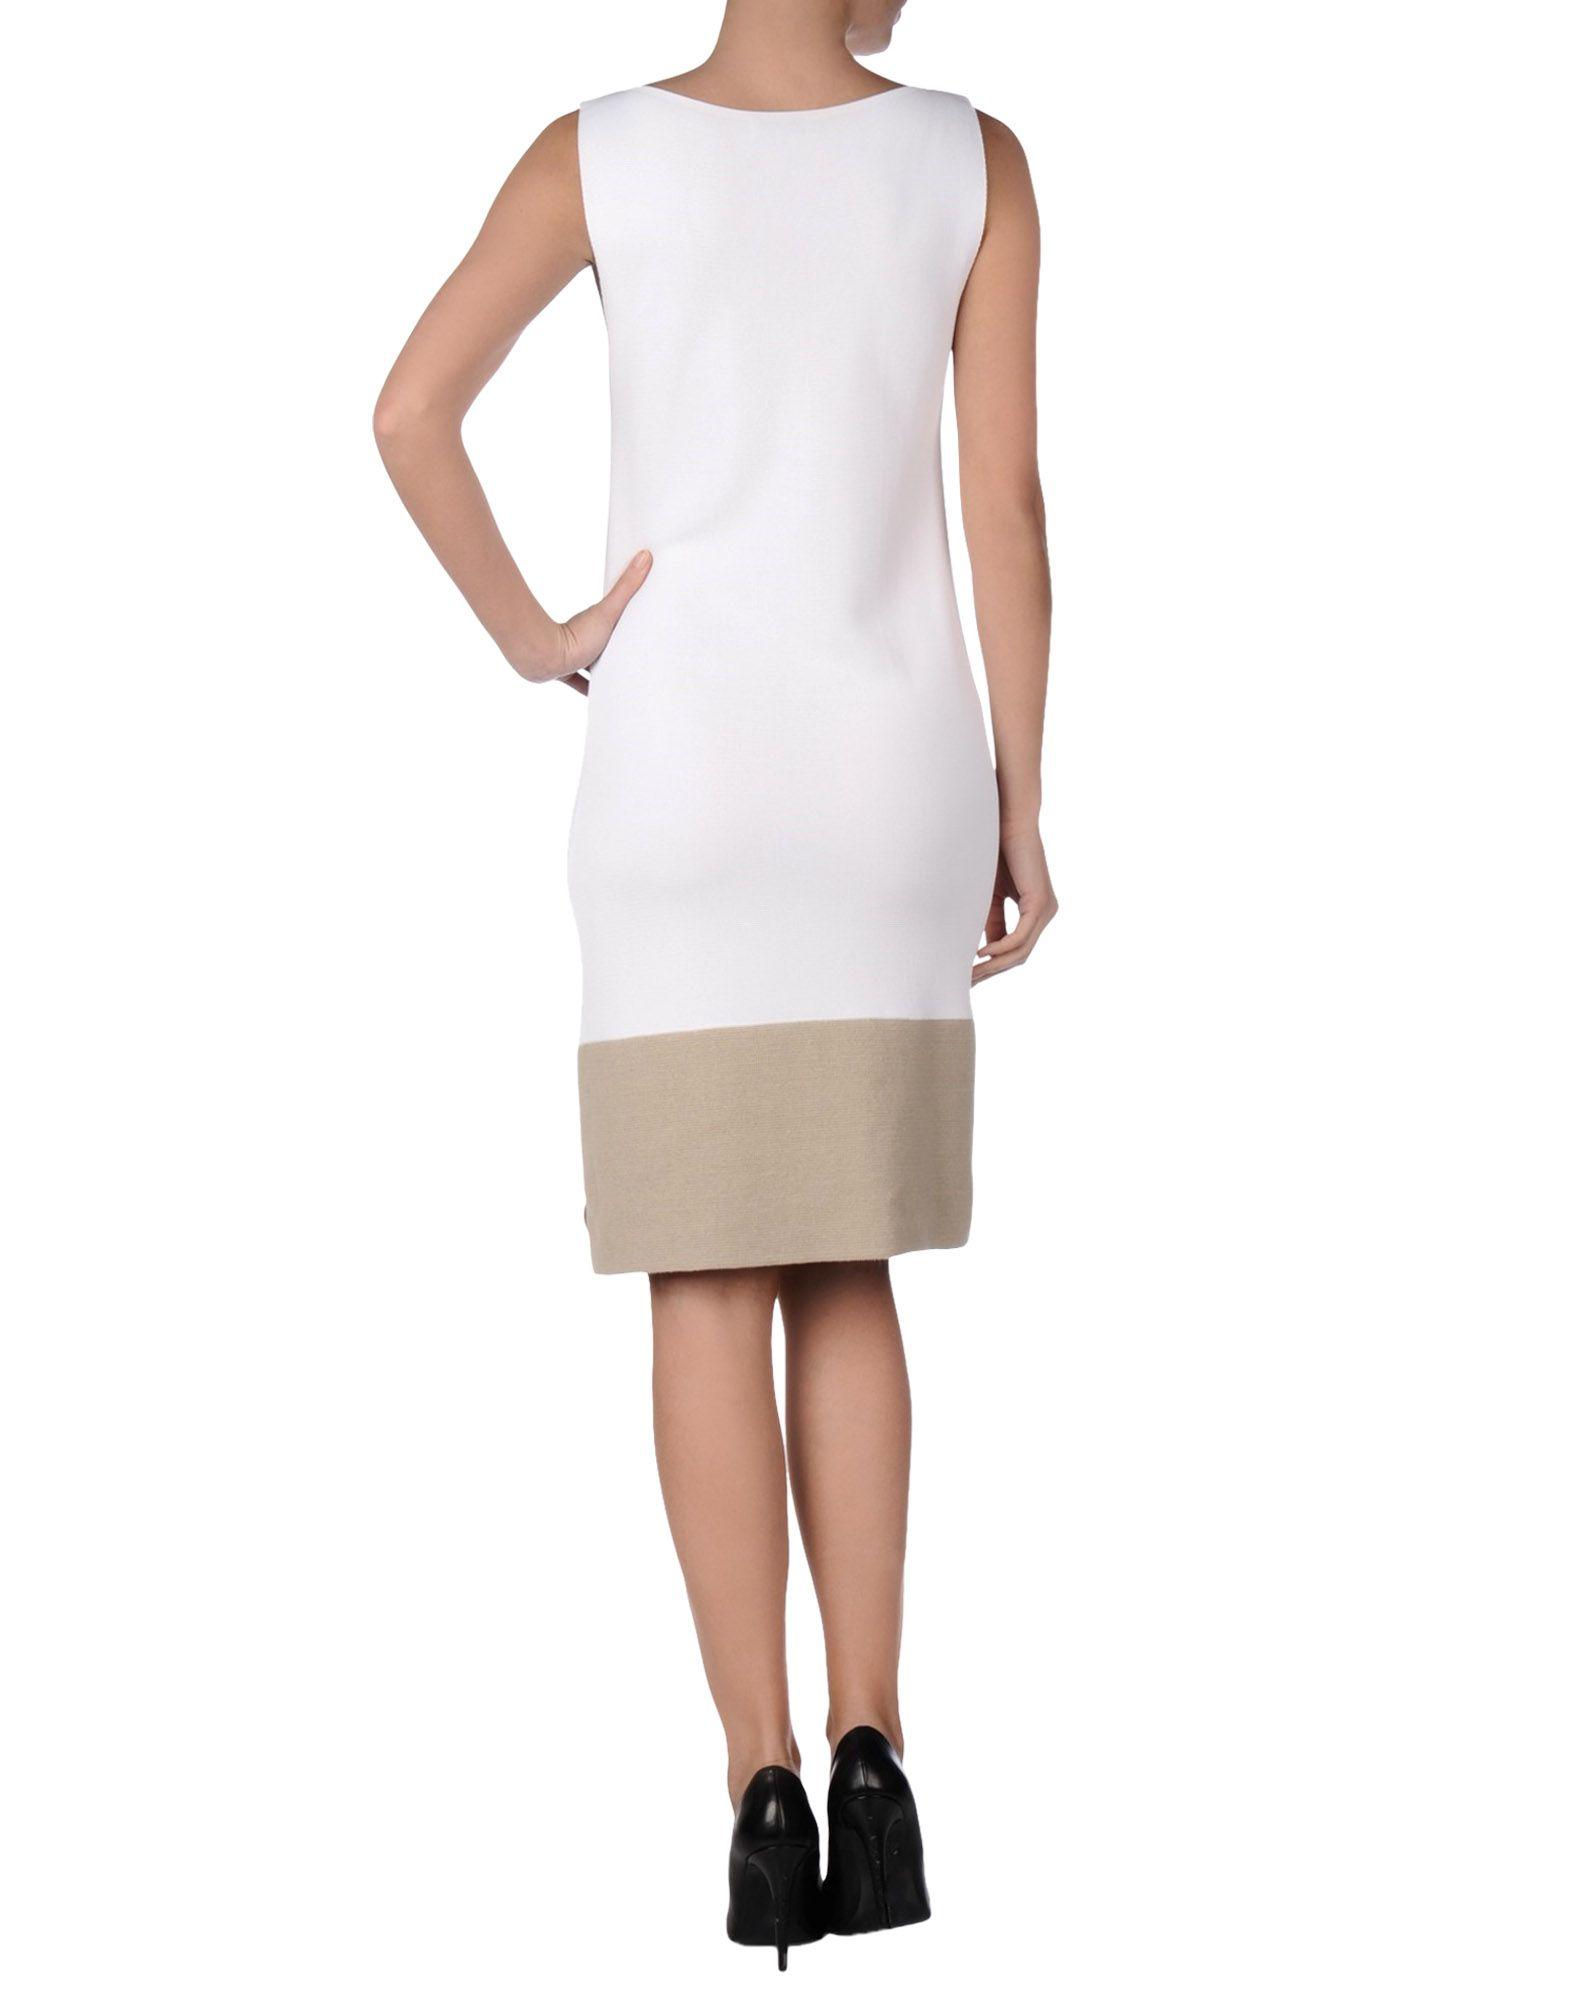 d12ac115f92 Balenciaga Short Dress in White